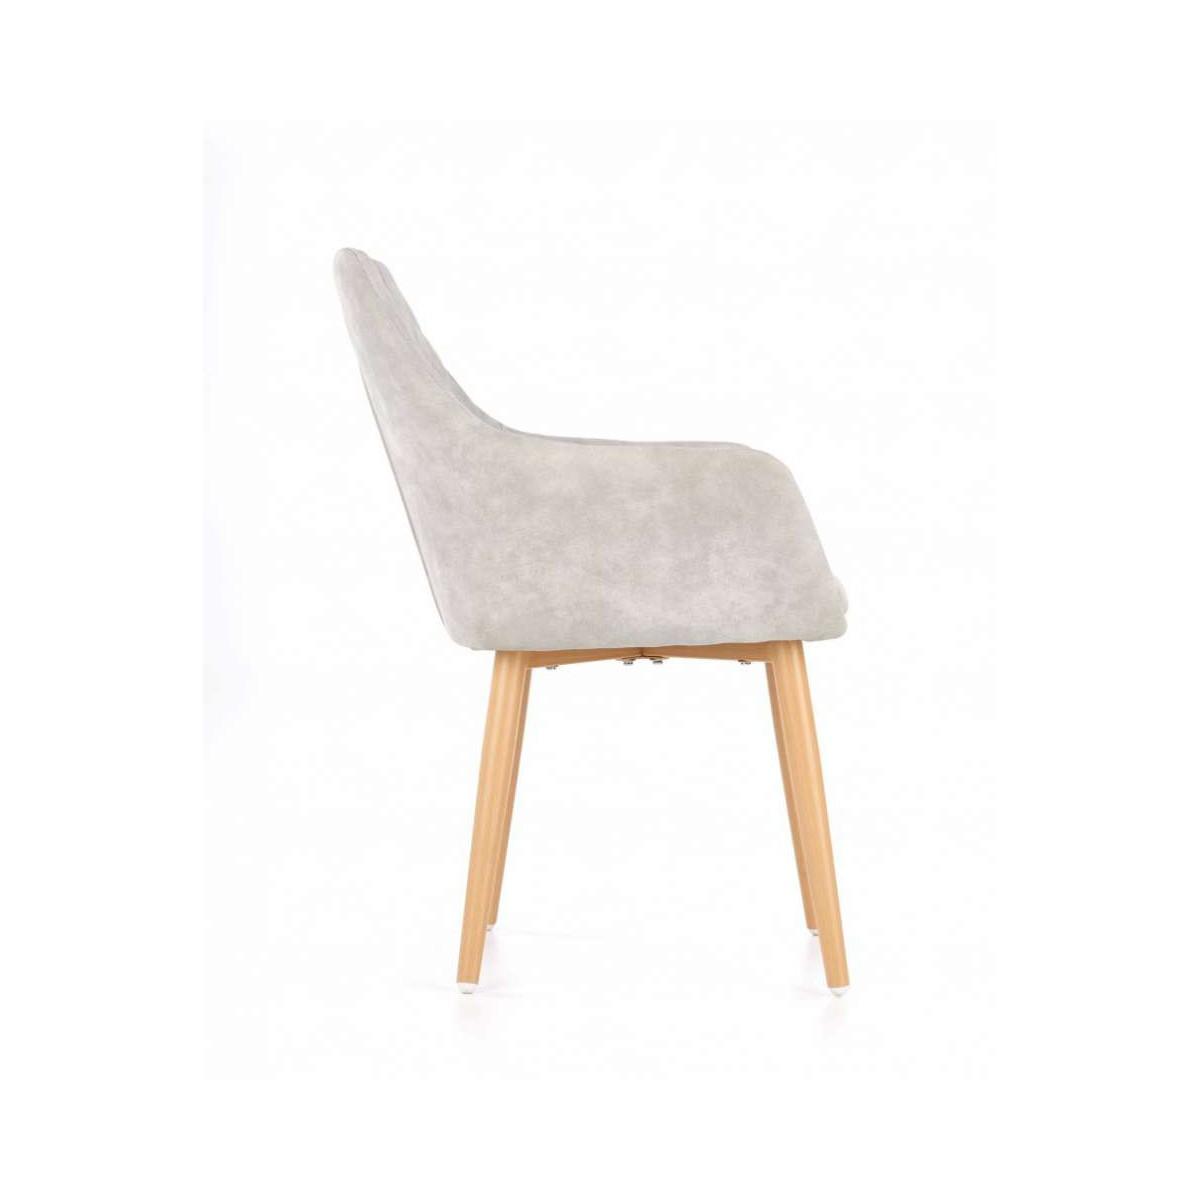 K287 krzesło popielate